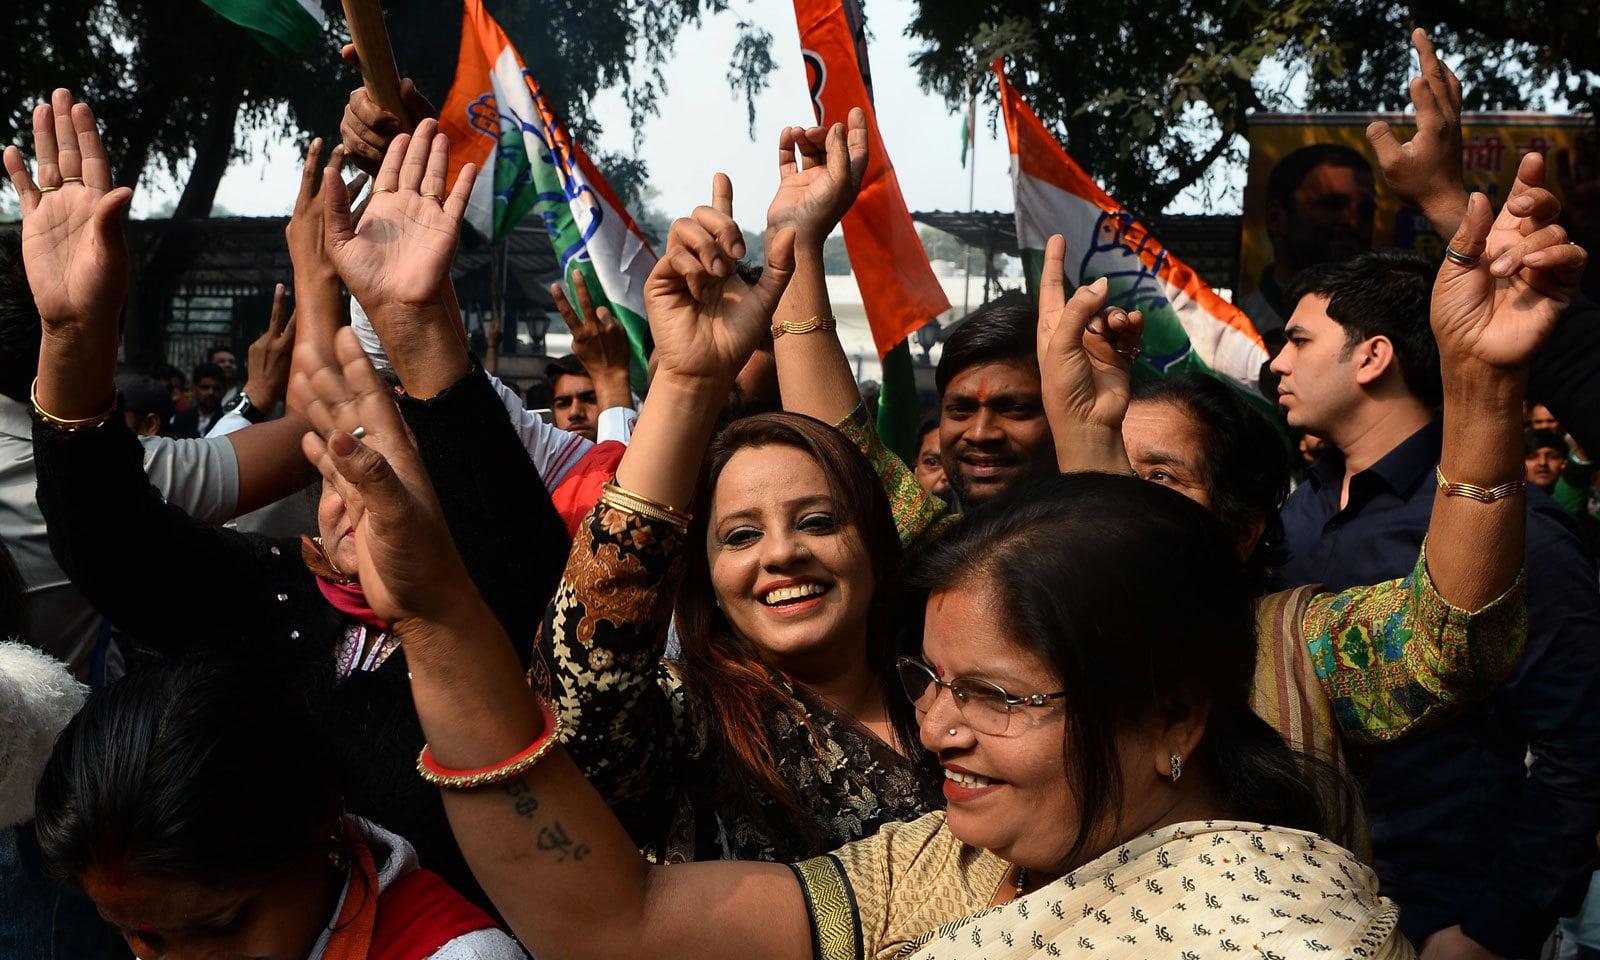 دہلی میں کانگریس کی جیت پر پارٹی کارکنان خوشی کا اظہار کررہے ہیں— فوٹو : اے ایف پی